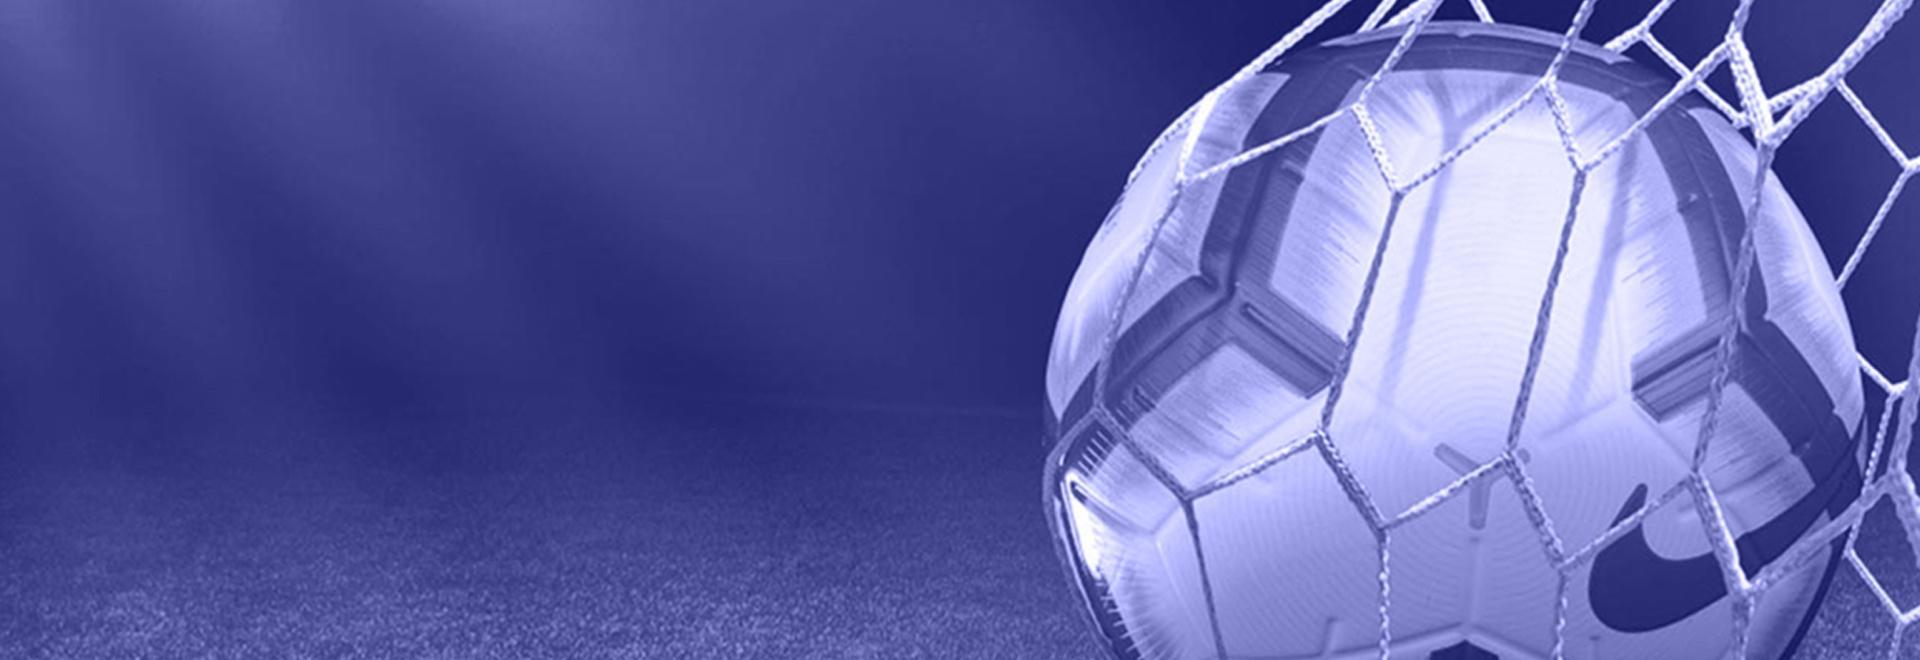 Genoa - Sampdoria 03/05/09